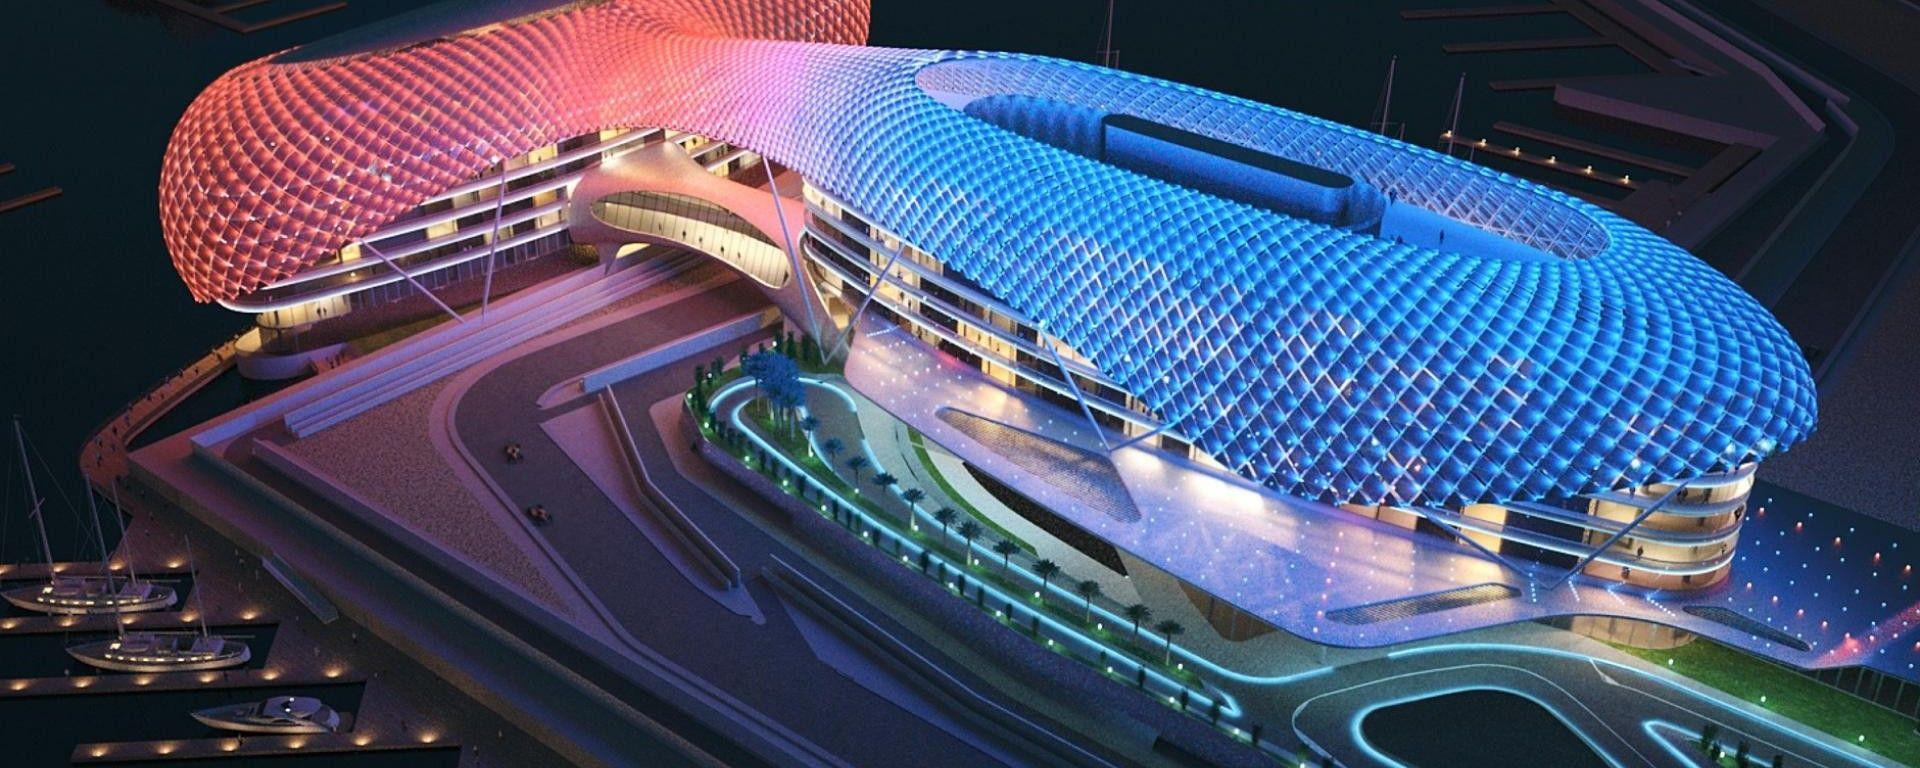 F1 2018 GP Abu Dhabi